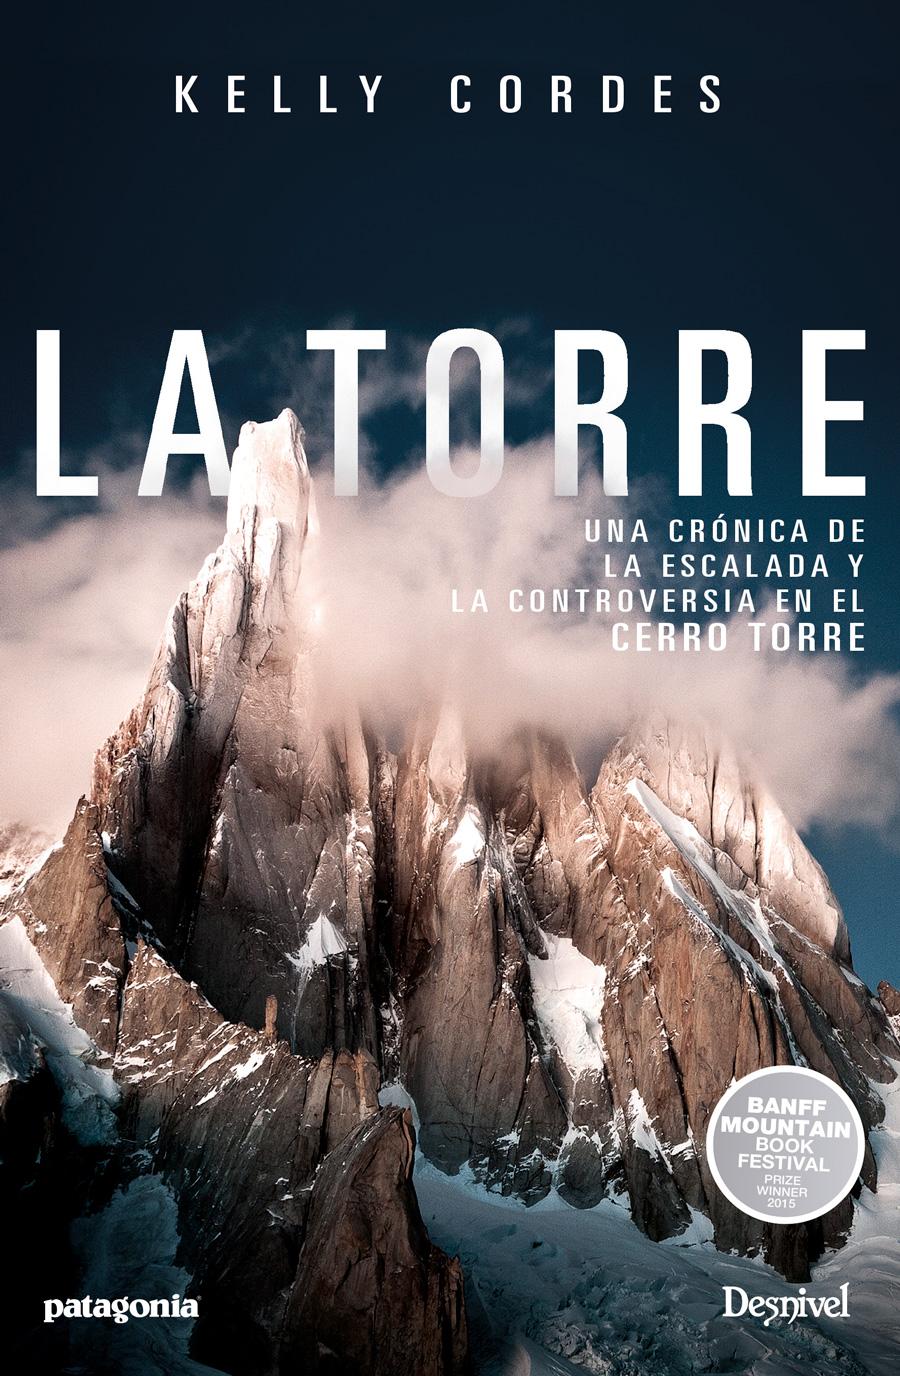 La torre. Una crónica de la escalada y controversia en el cerro torre